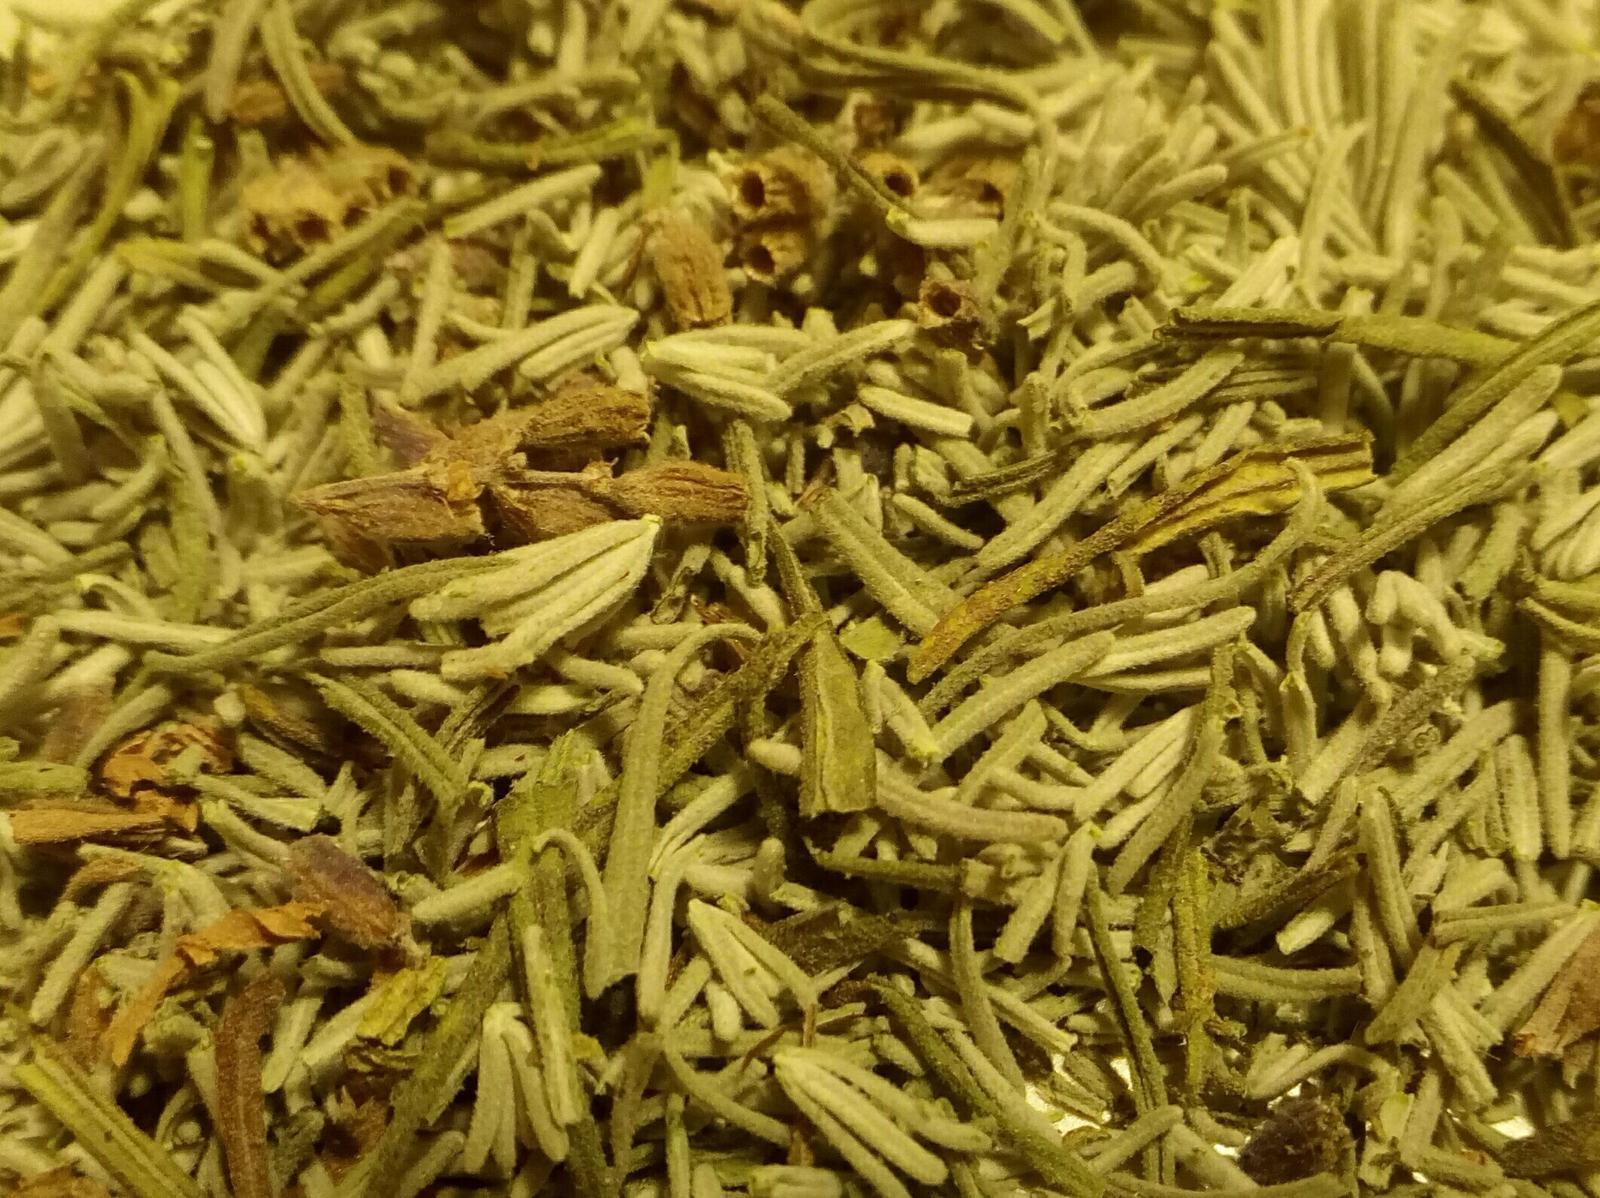 Sušená levanduľa - drvený list - Obrázok č. 1